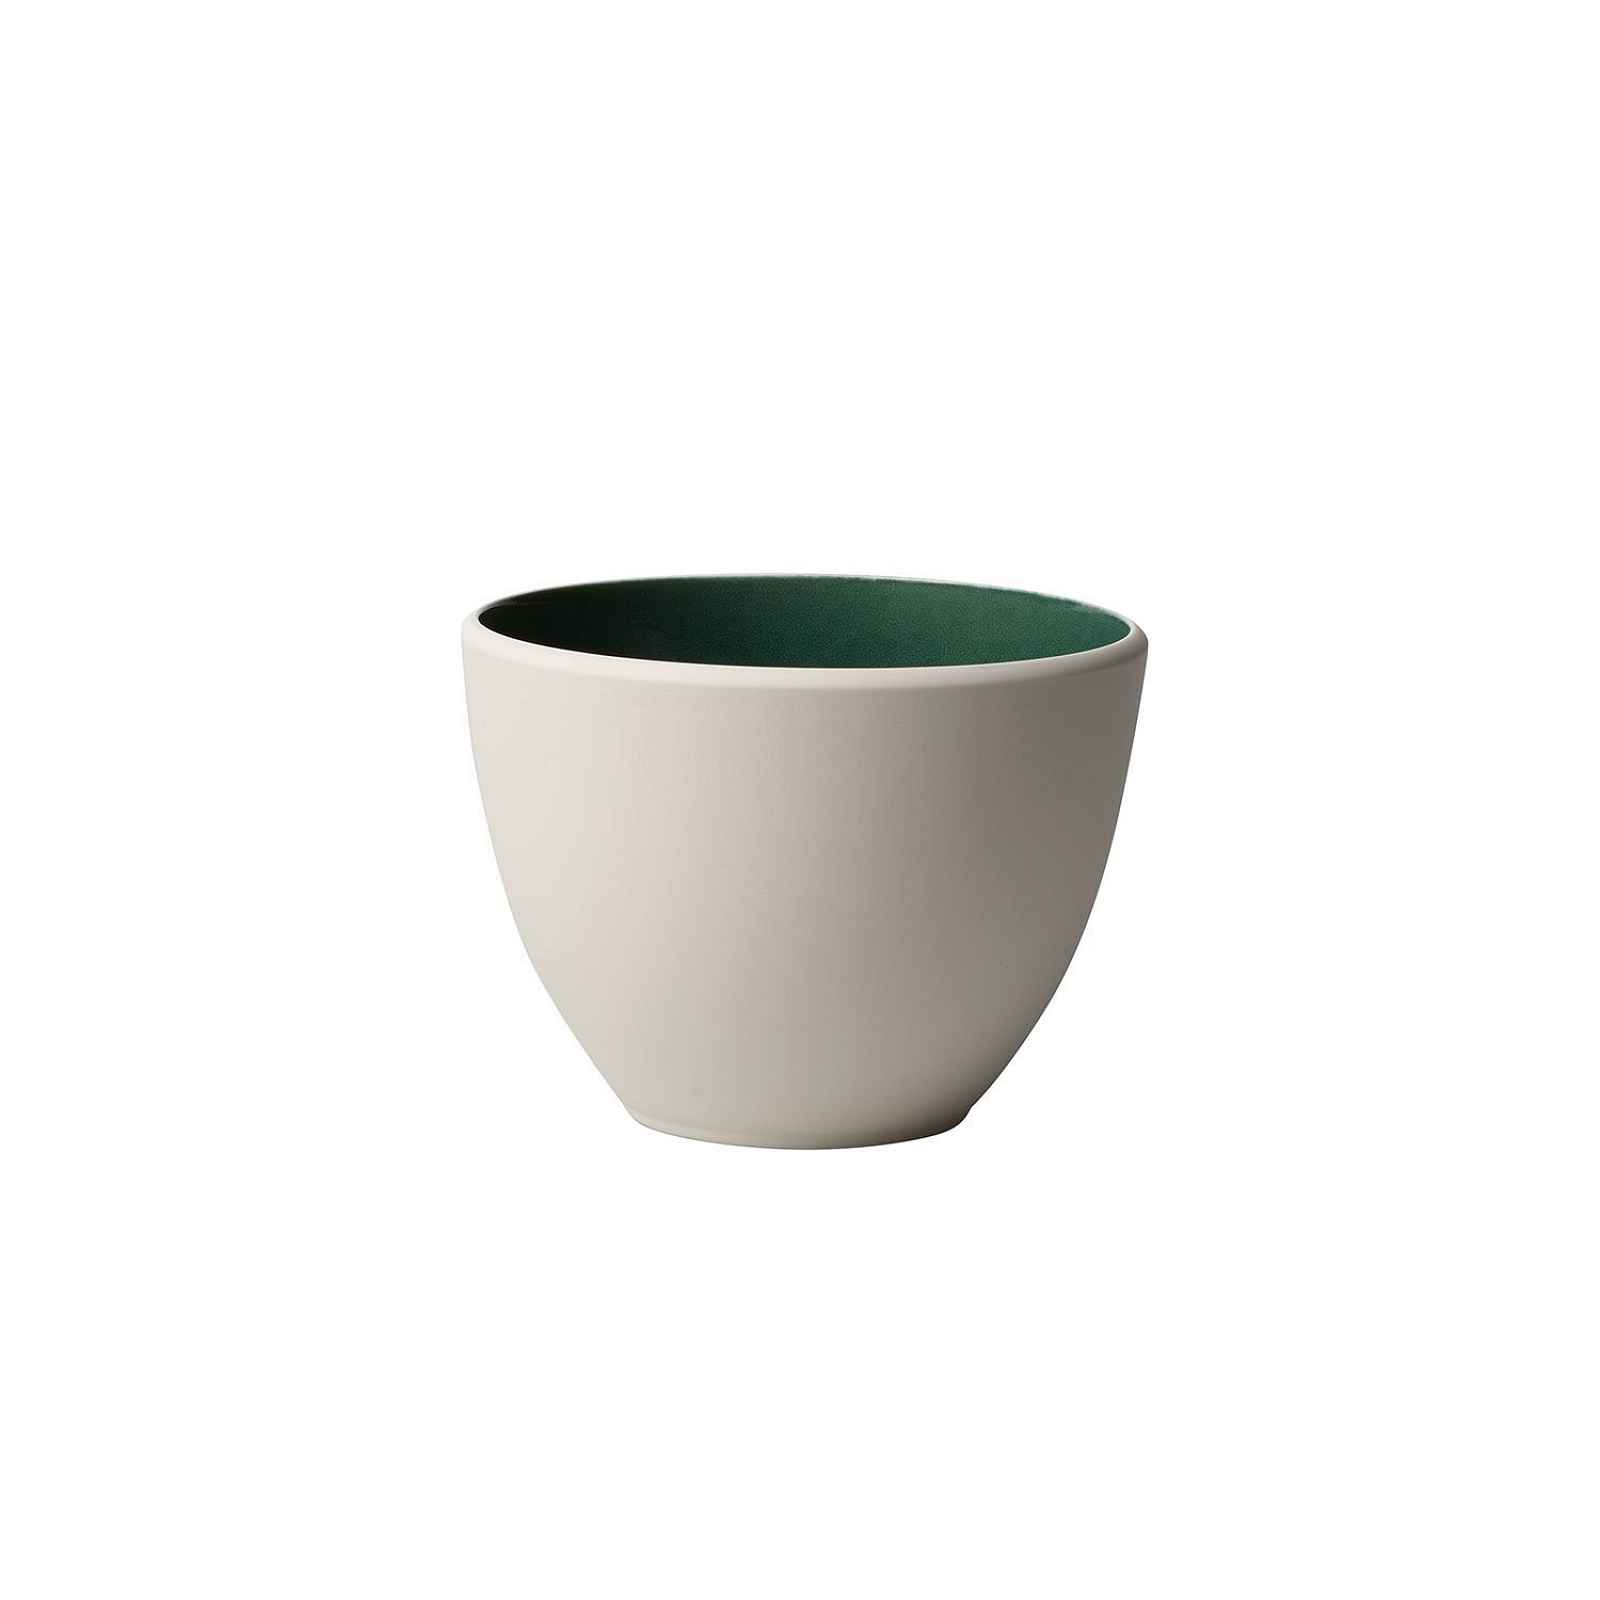 Bílo-zelený porcelánový šálek Villeroy & Boch Uni, 450 ml